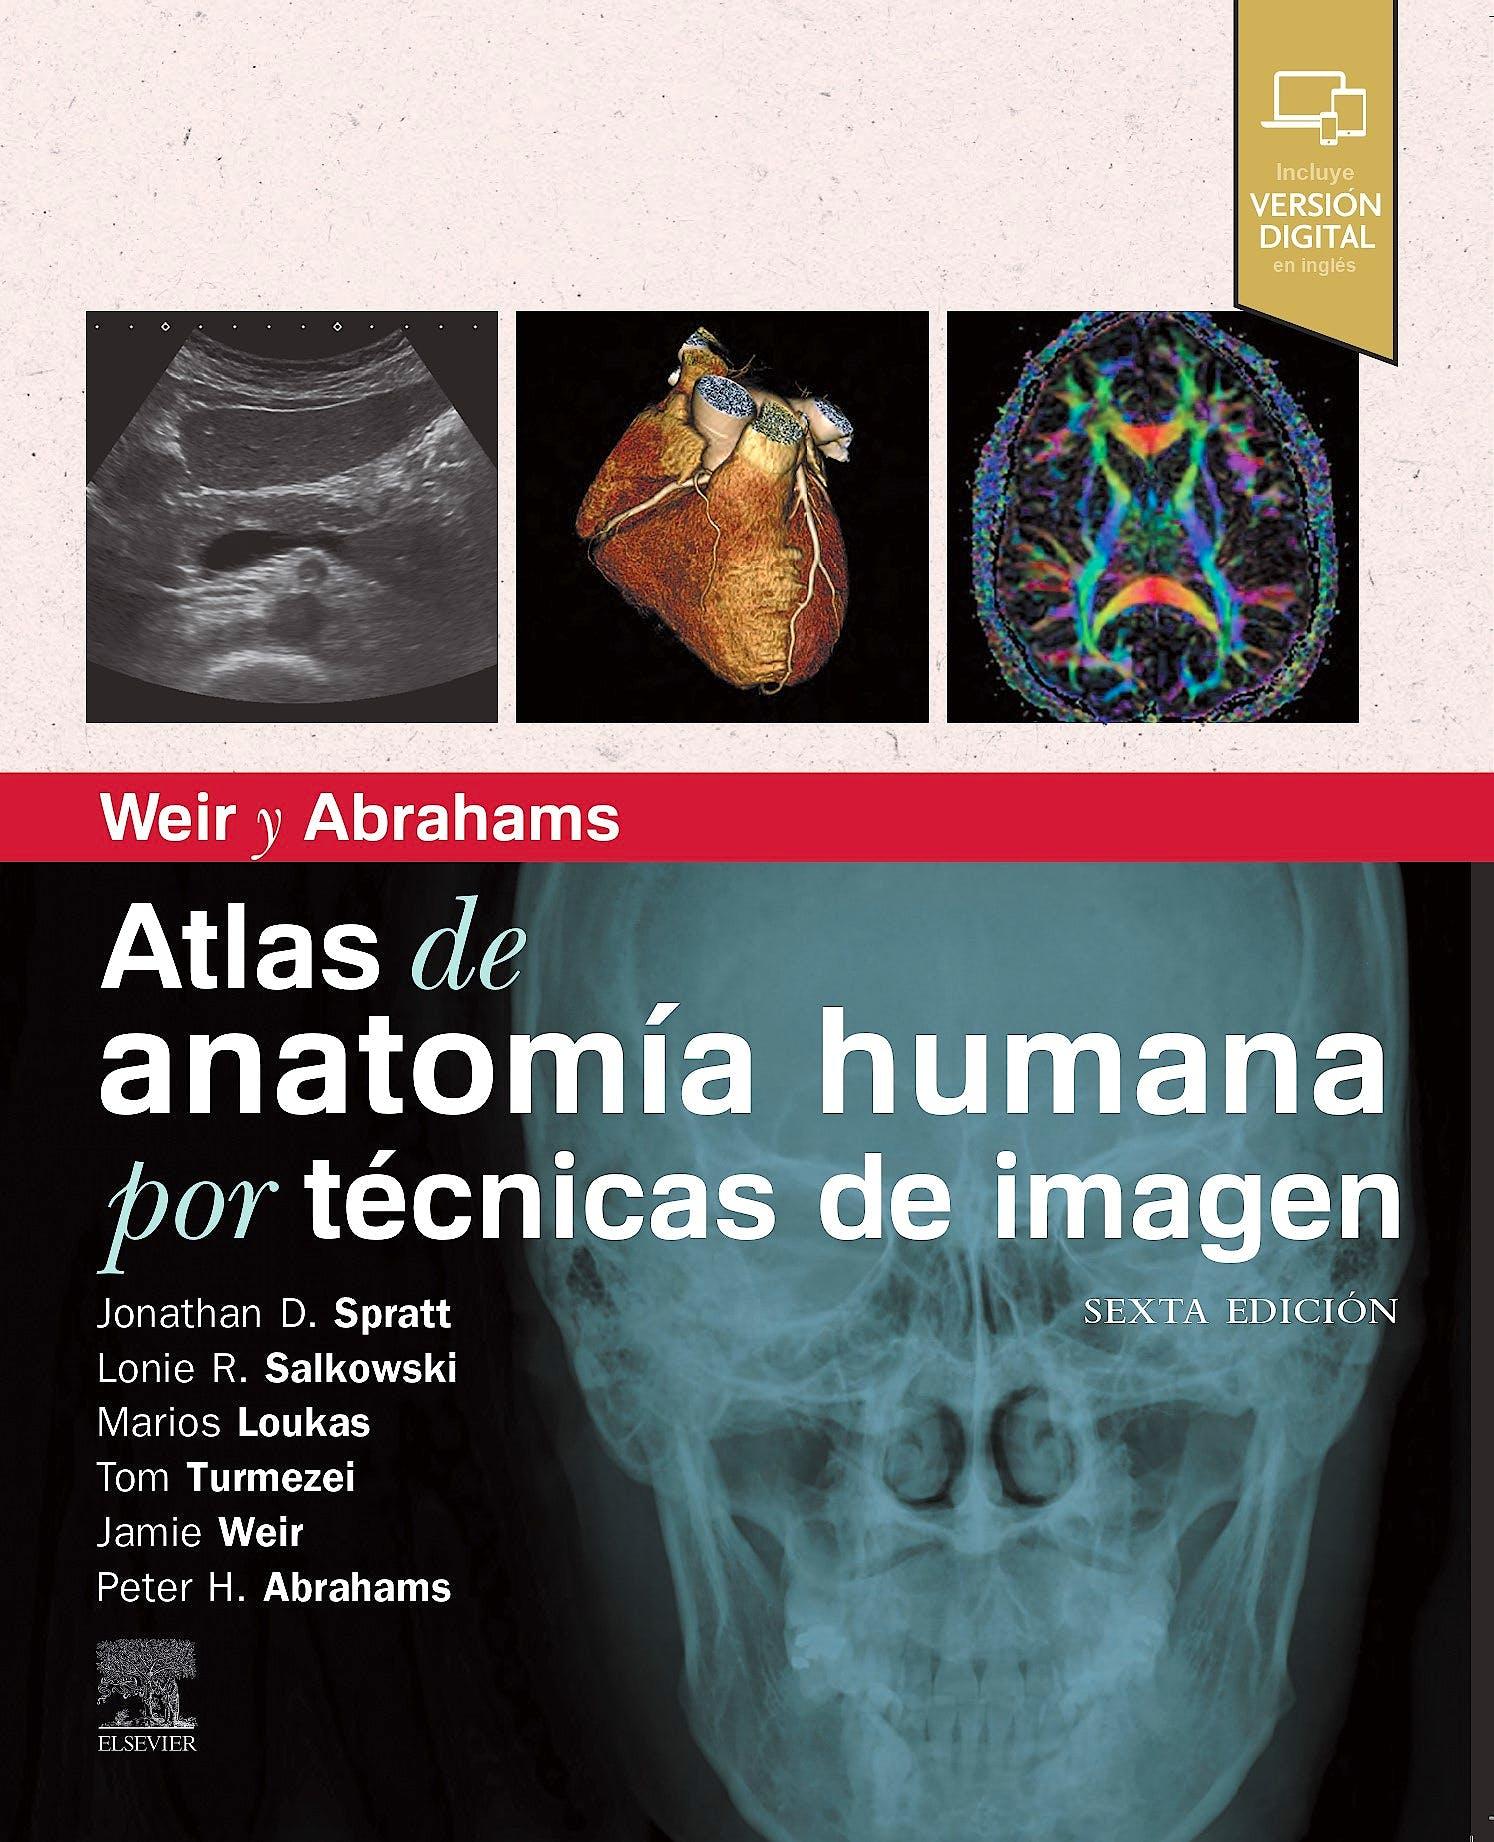 Portada del libro 9788491139522 WEIR y ABRAHAMS Atlas de Anatomía Humana por Técnicas de Imagen